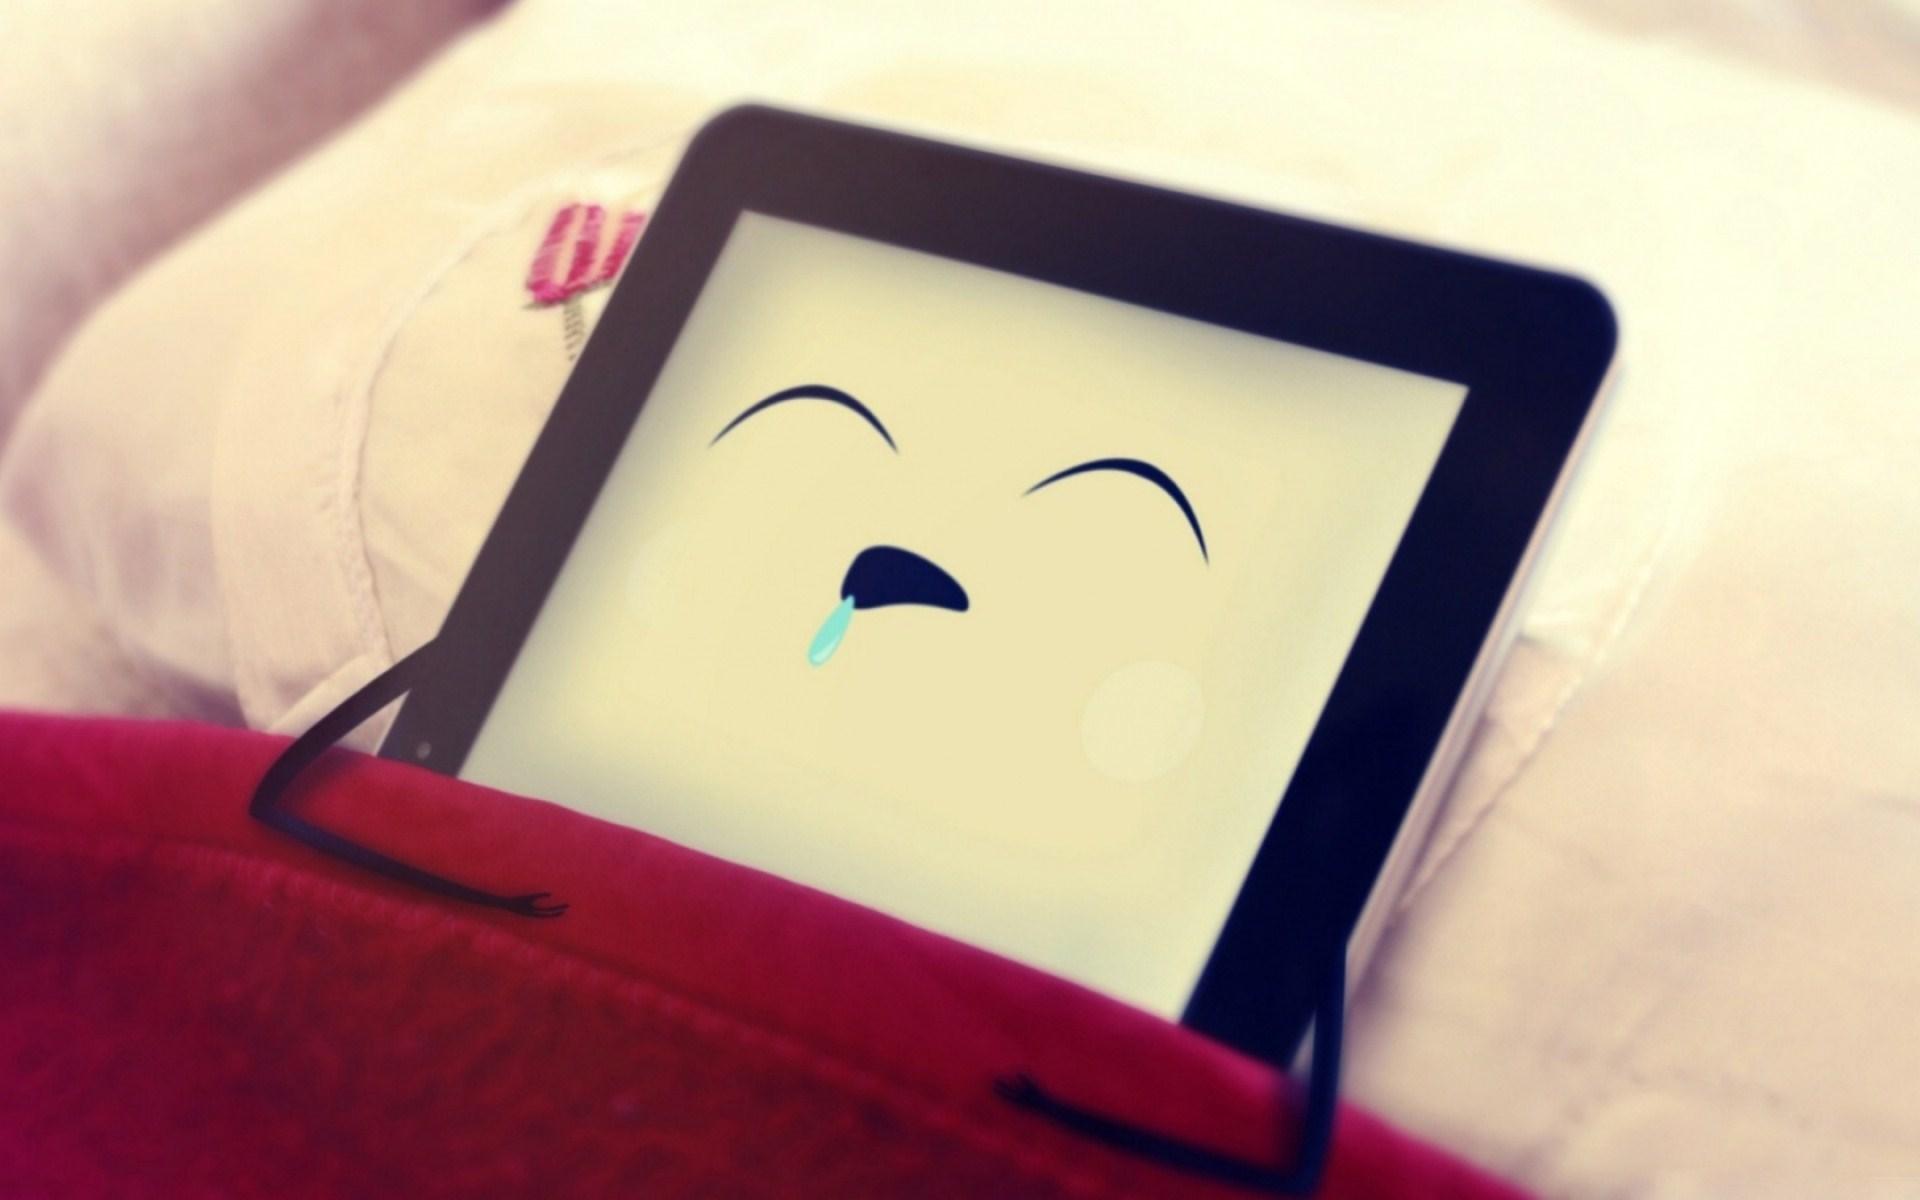 iPad Sleeps Creative Funny